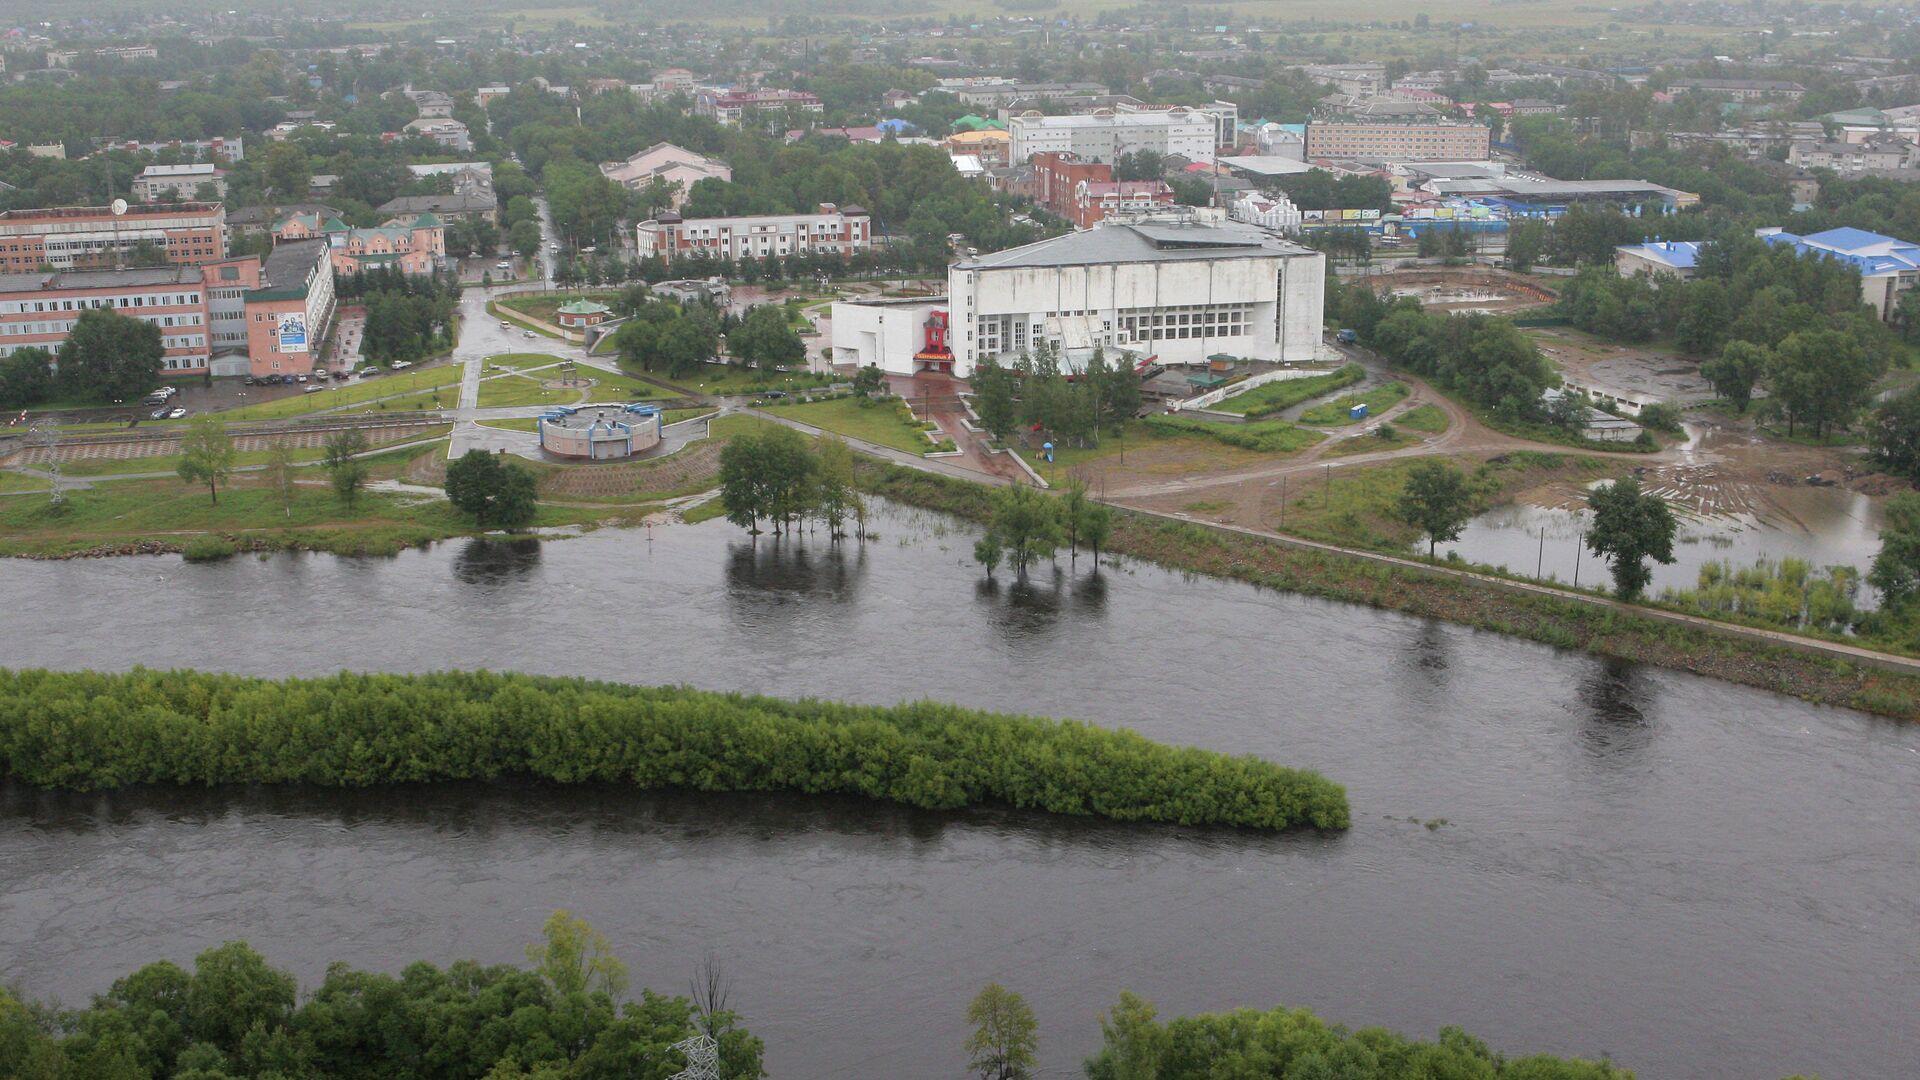 Паводковая ситуация в Еврейской автономной области - РИА Новости, 1920, 16.10.2020